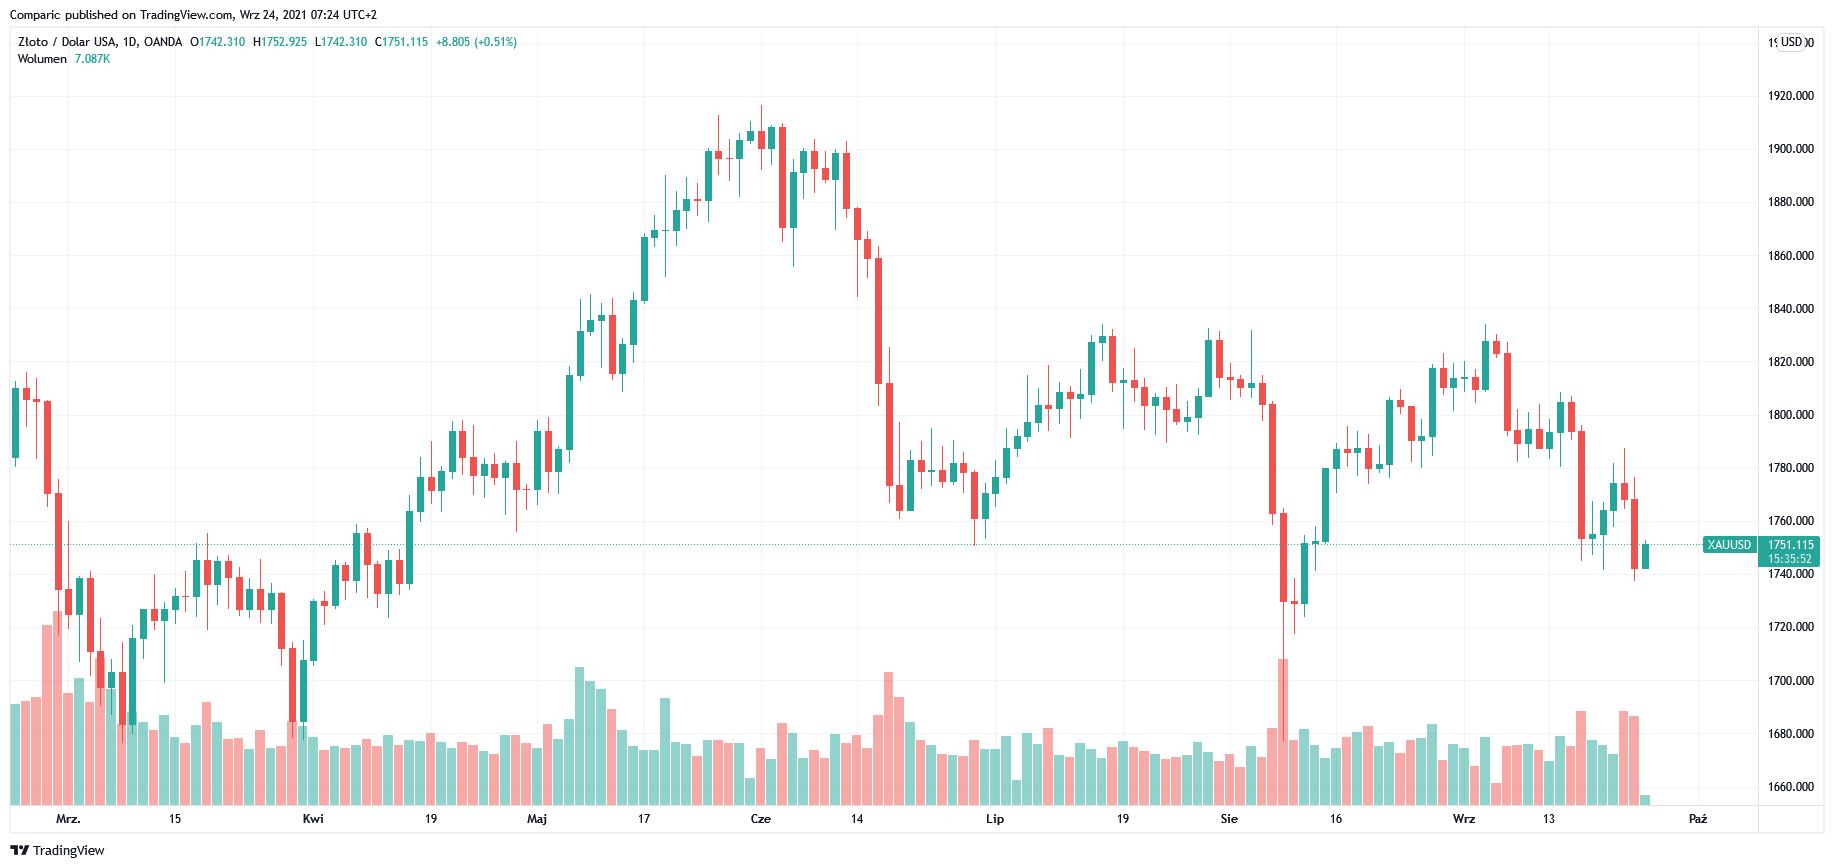 Cena złota spot w dół w piątek. Bank of England podążą śladami Fed